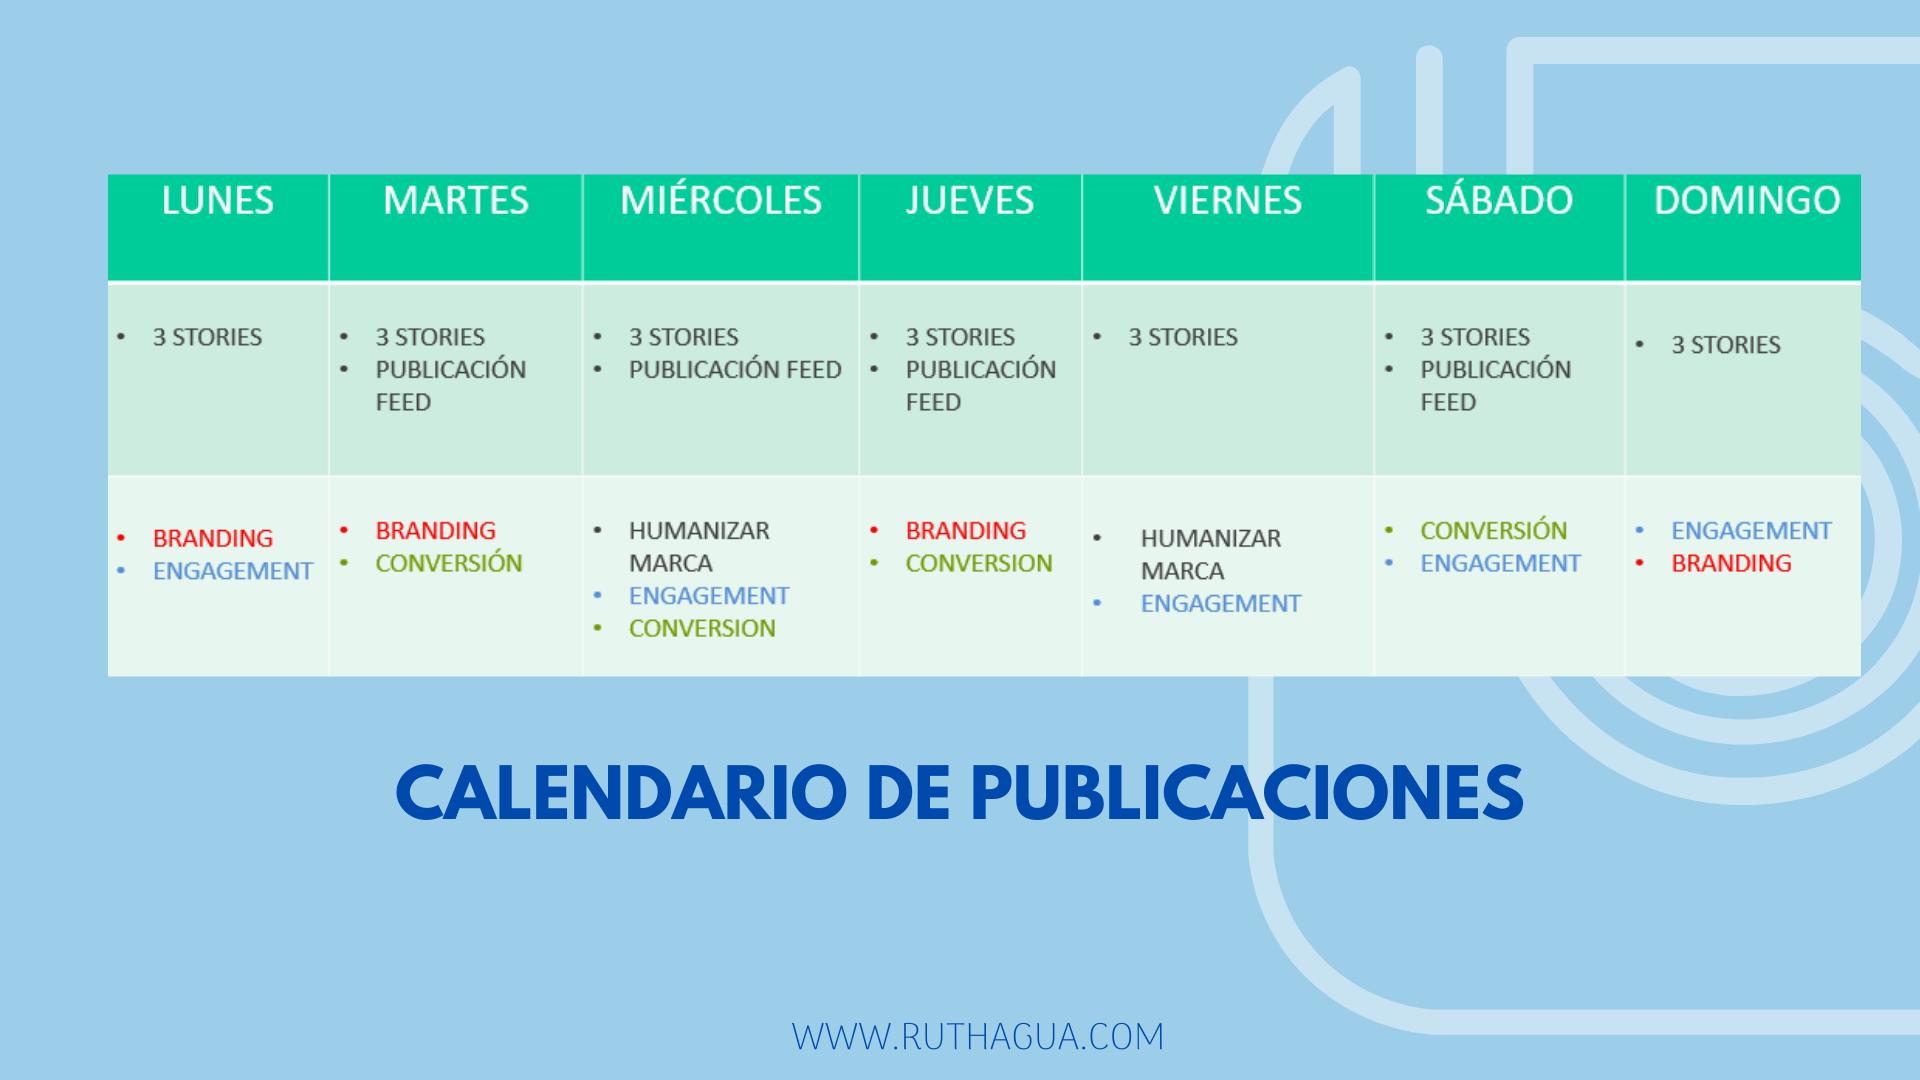 5 PASOS PARA MEJORAR TU PERFIL DE INSTAGRAM: CALENDARIO DE PUBLICACIONES